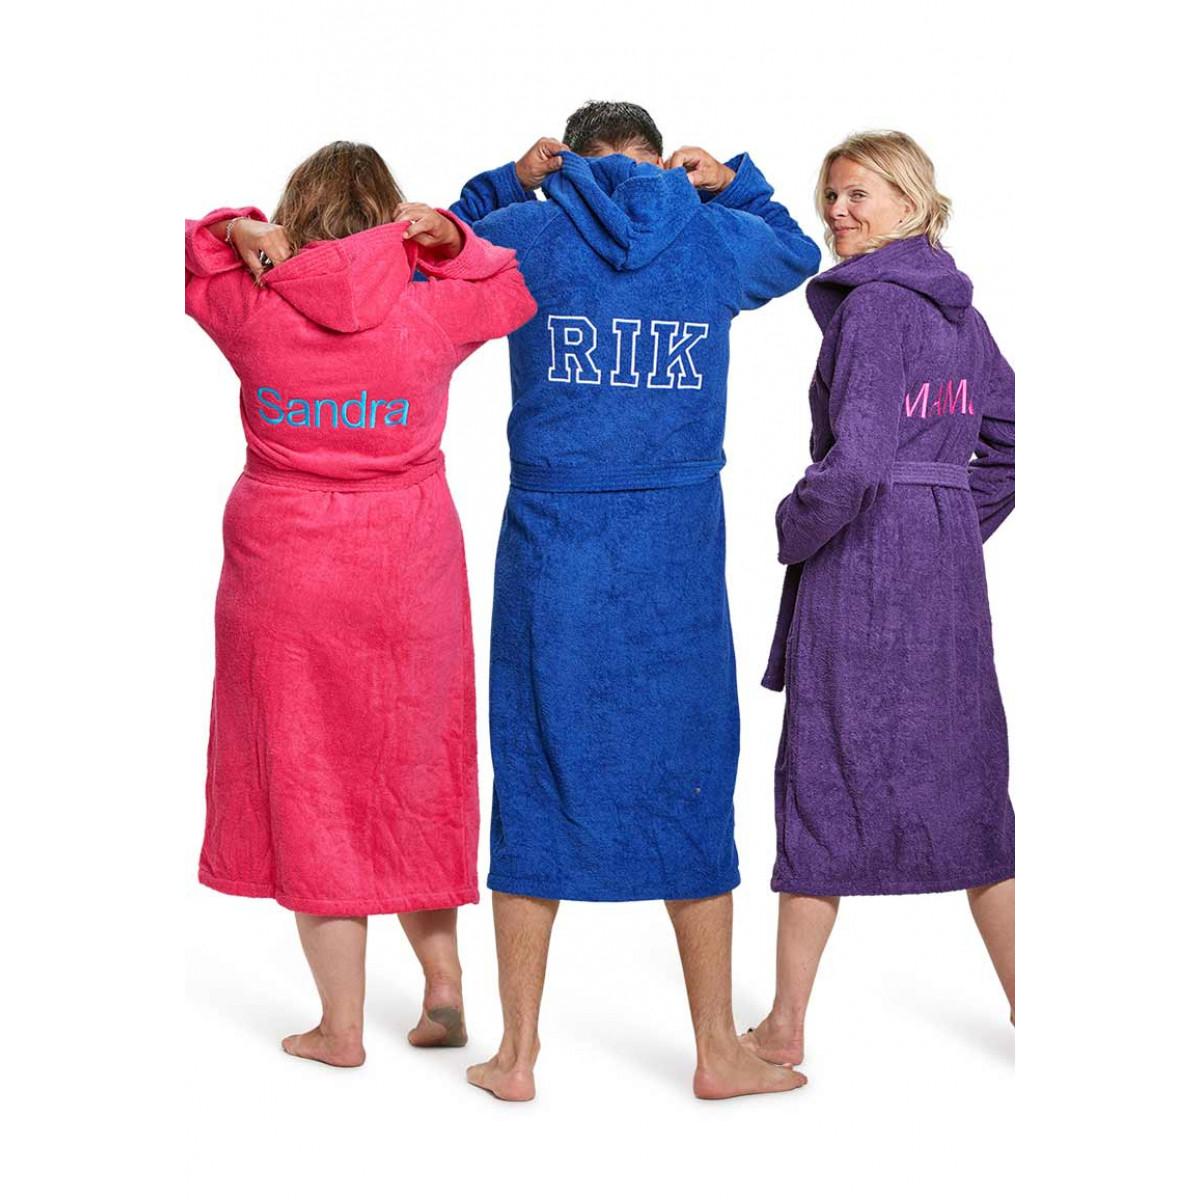 Capuchon badjas borduren